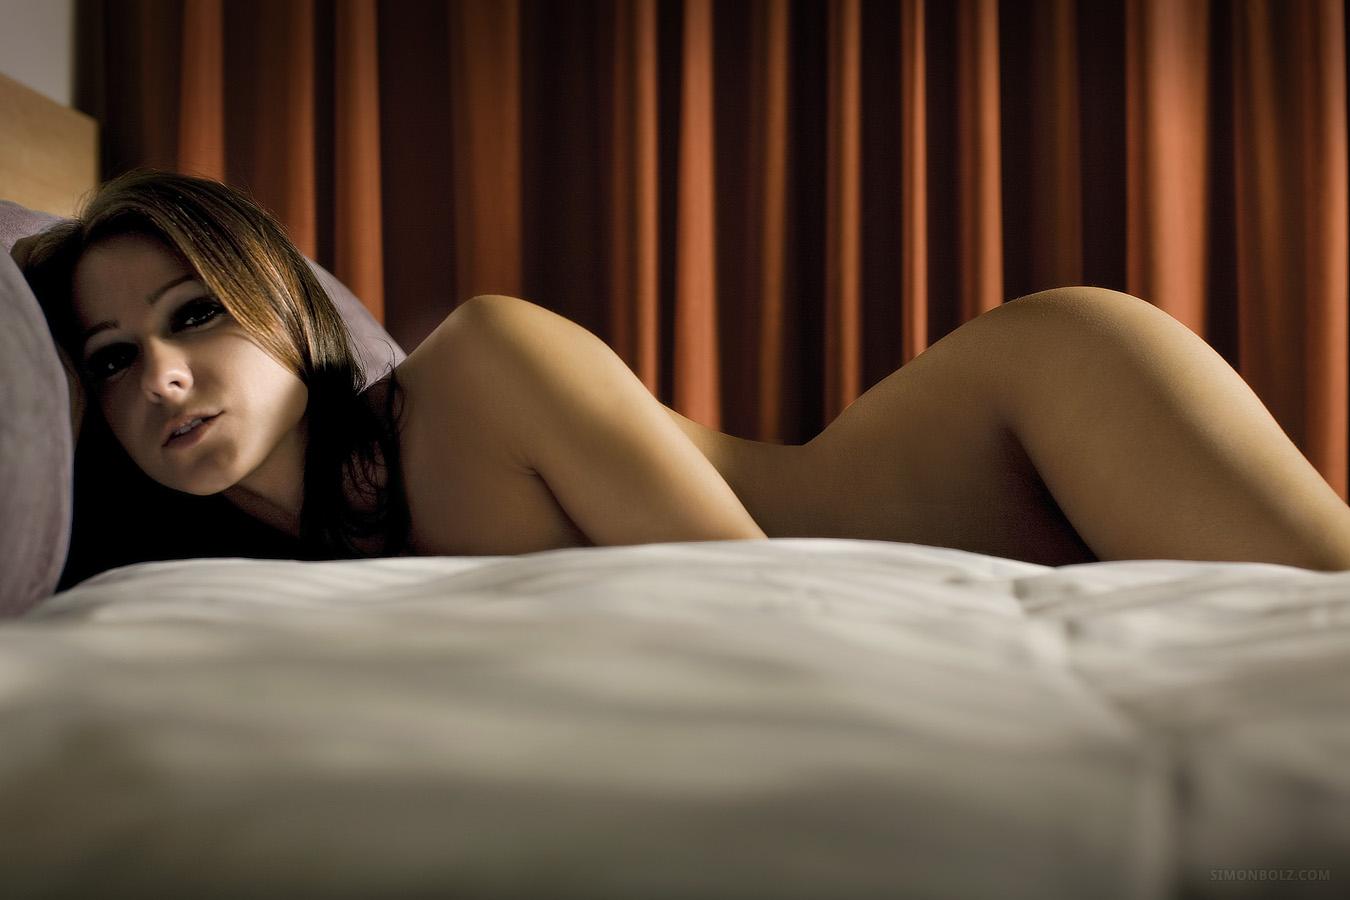 Фото красивых девушек голышок 18 смотреть 6 фотография